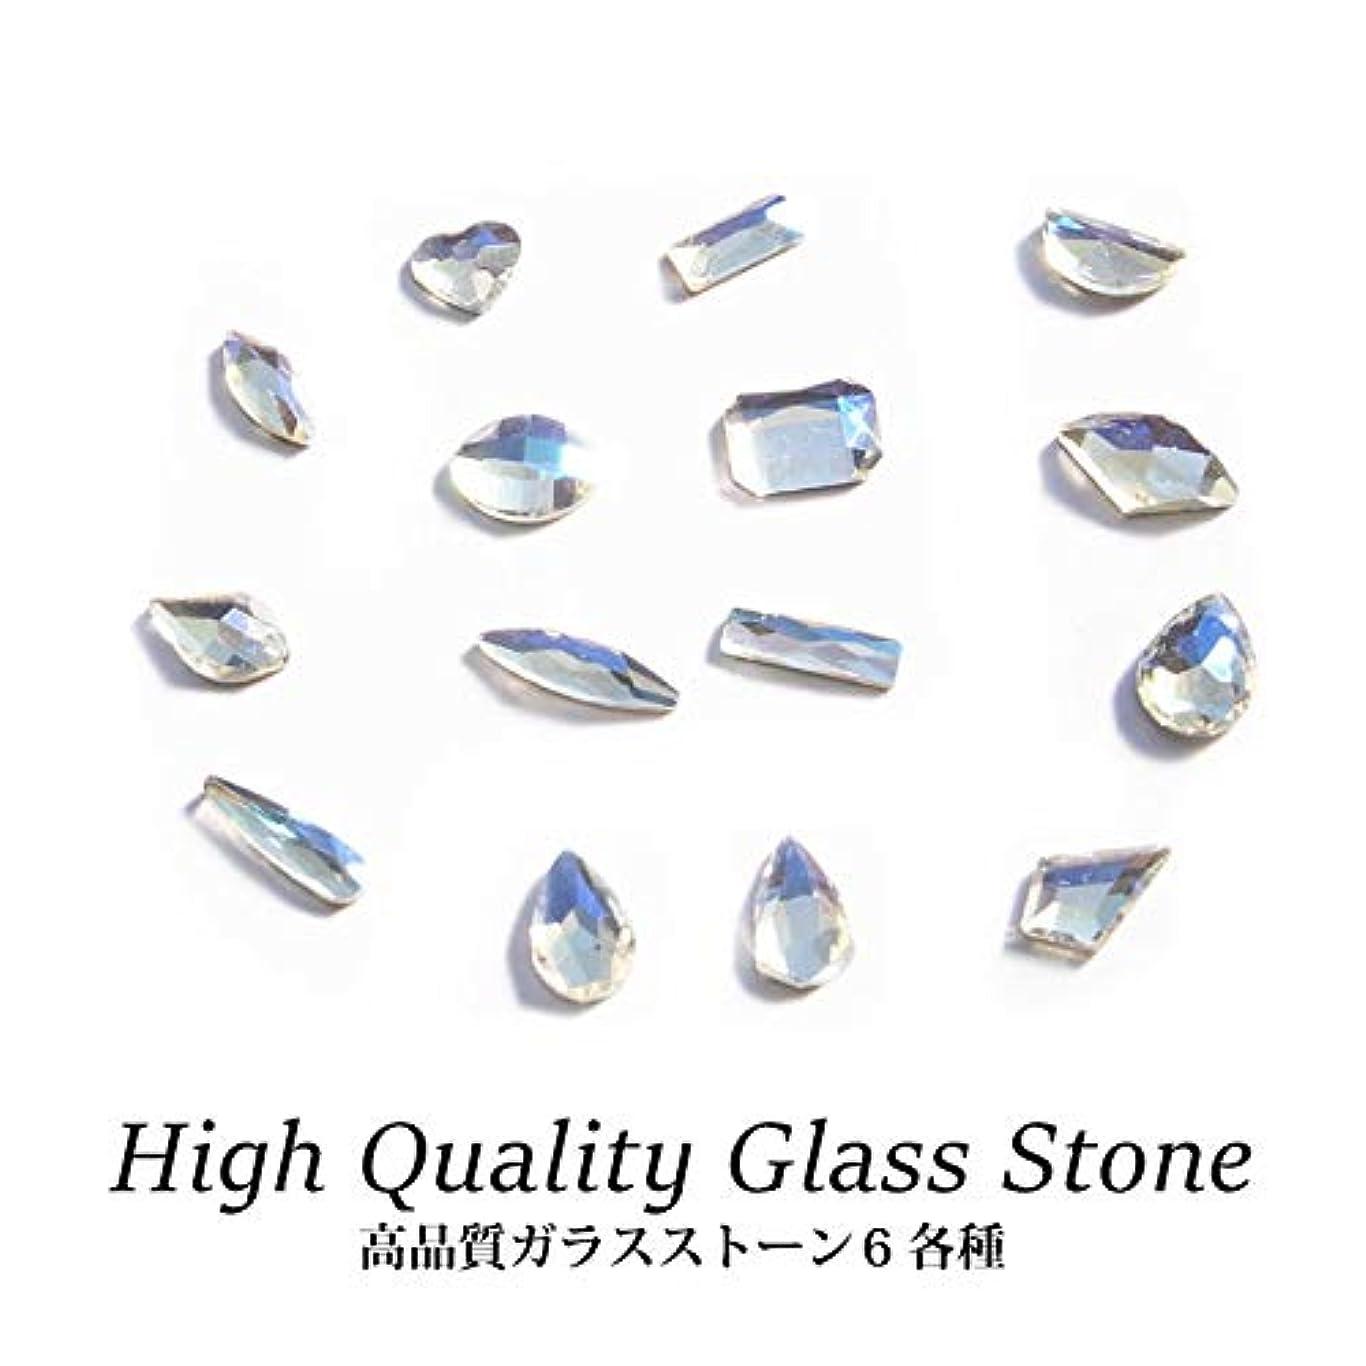 自分のために潜む何ブルームーンカラーが魅惑的なクリスタルストーン! 高品質 ガラスストーン 6 各種 5個入り (4.ランバス 6×10mm)